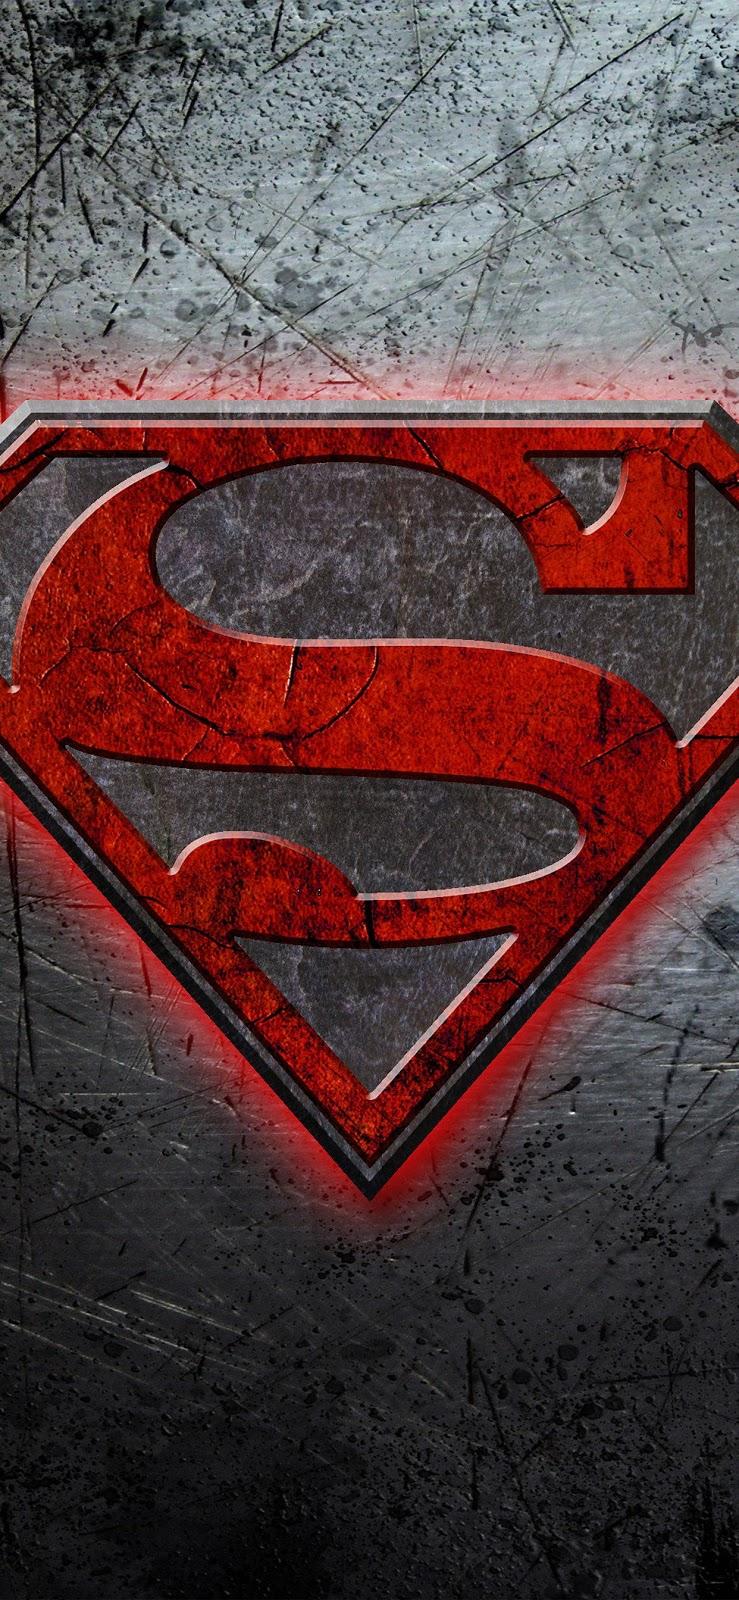 wallpaper iphone xs, comics, super man